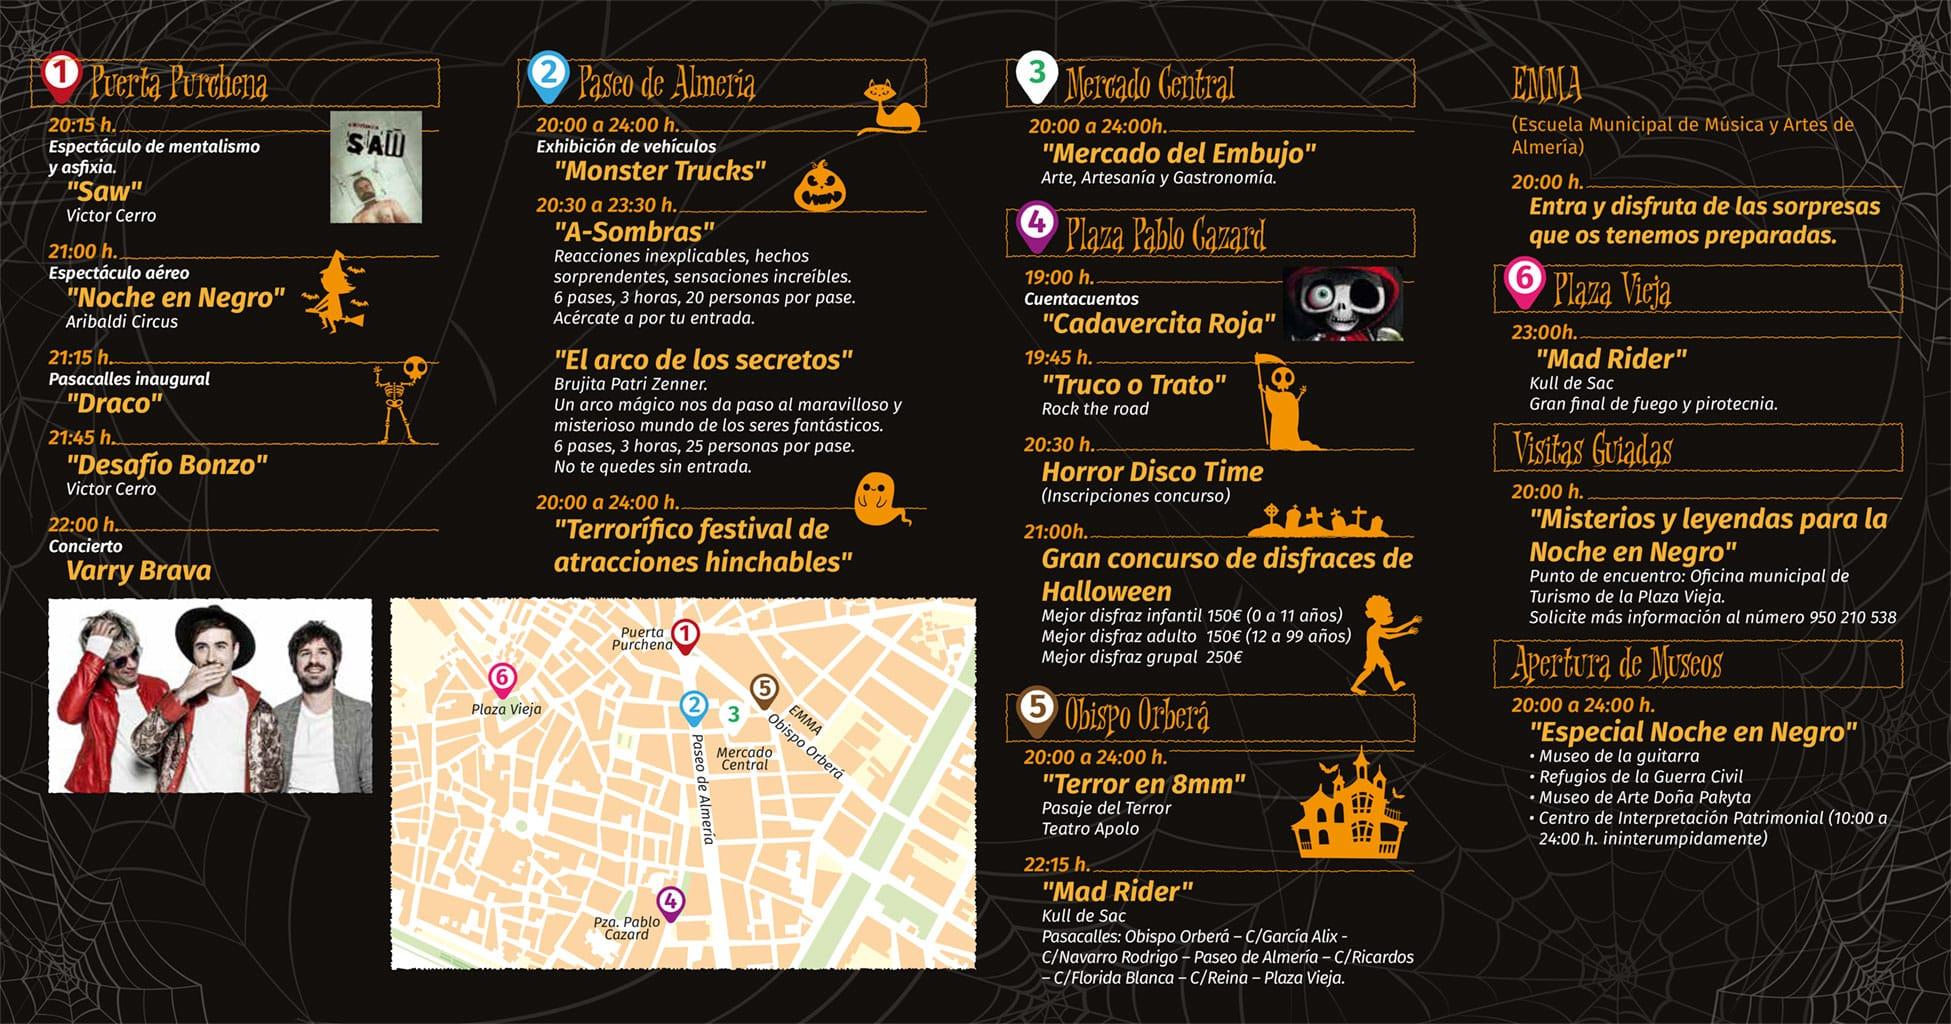 Programación actividades La Noche en Negro Almería 2019